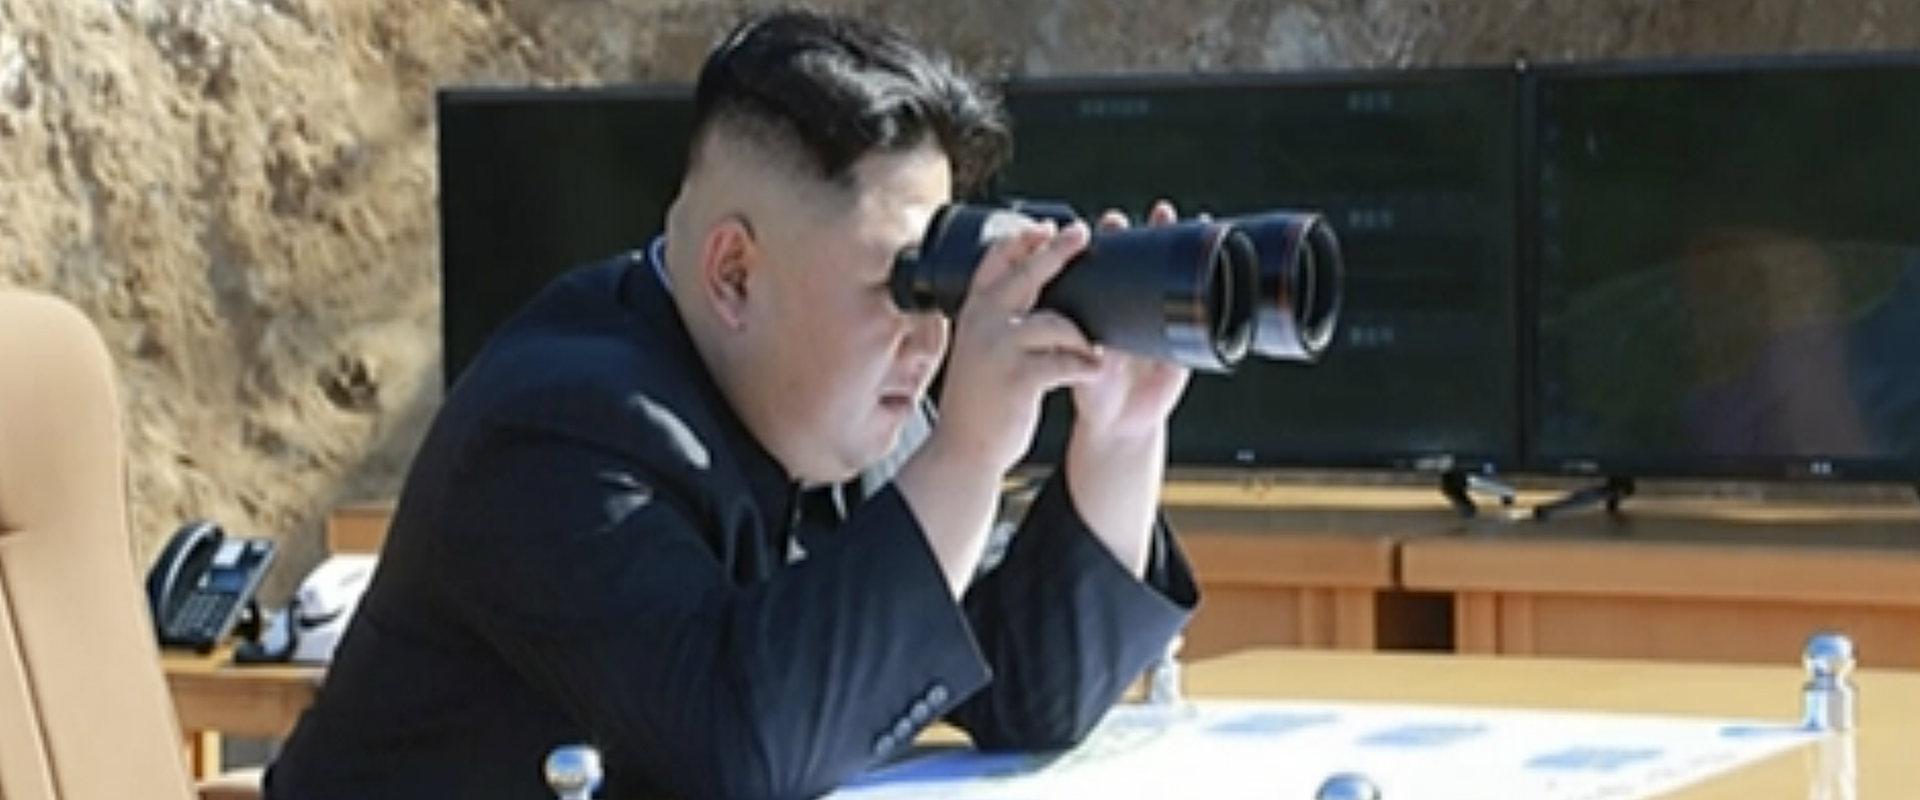 מנהיג קוריאה הצפונית, קים ג'ונג און